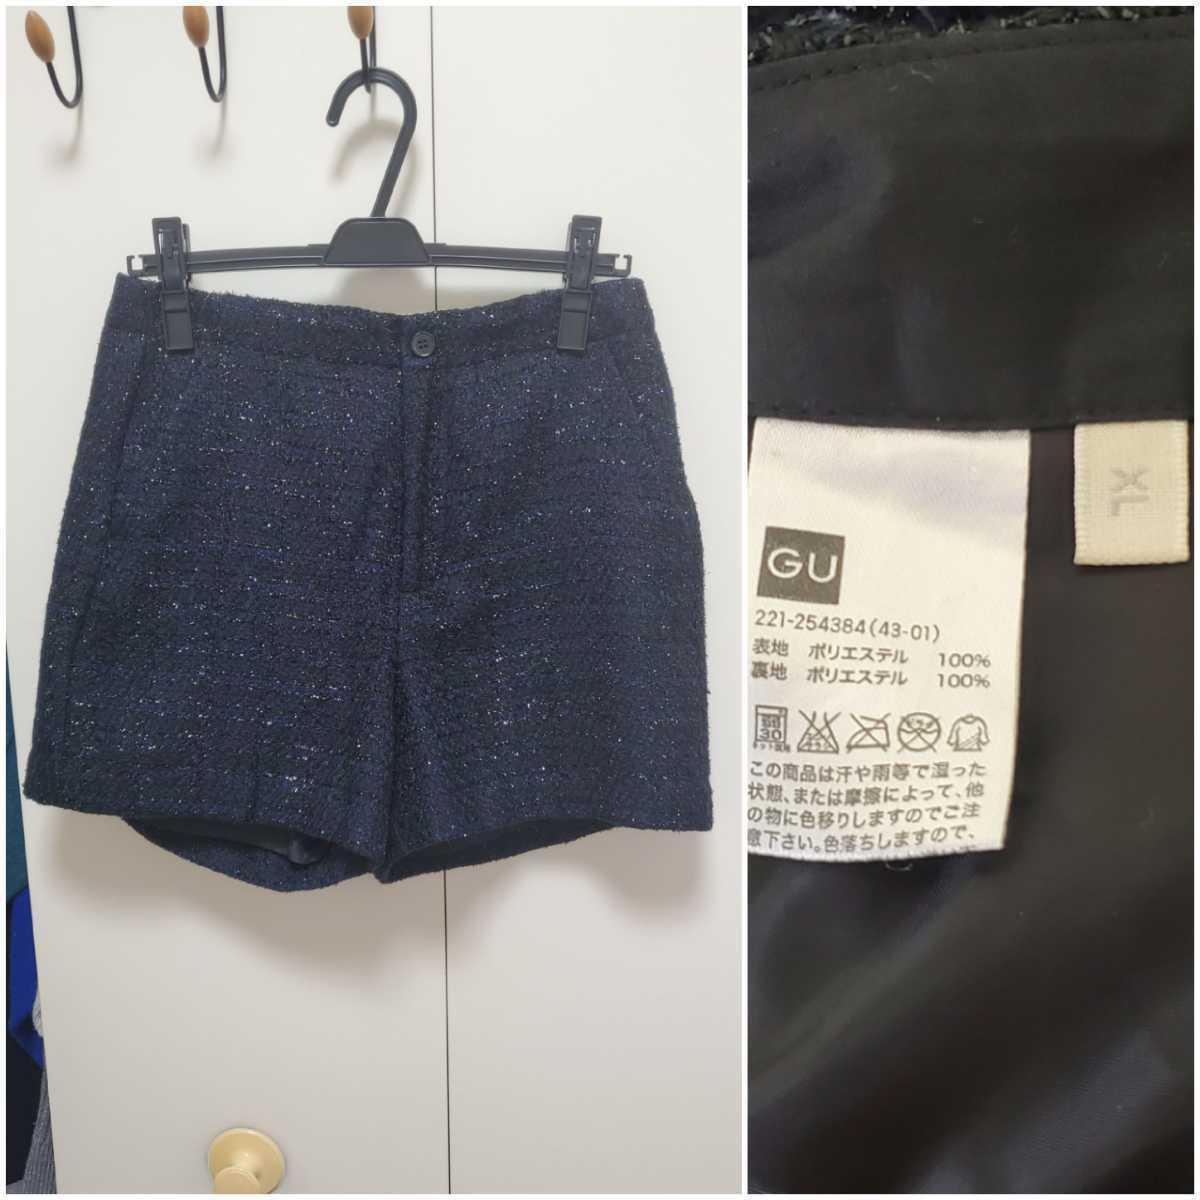 スカートパンツ 5点セット まとめ売り